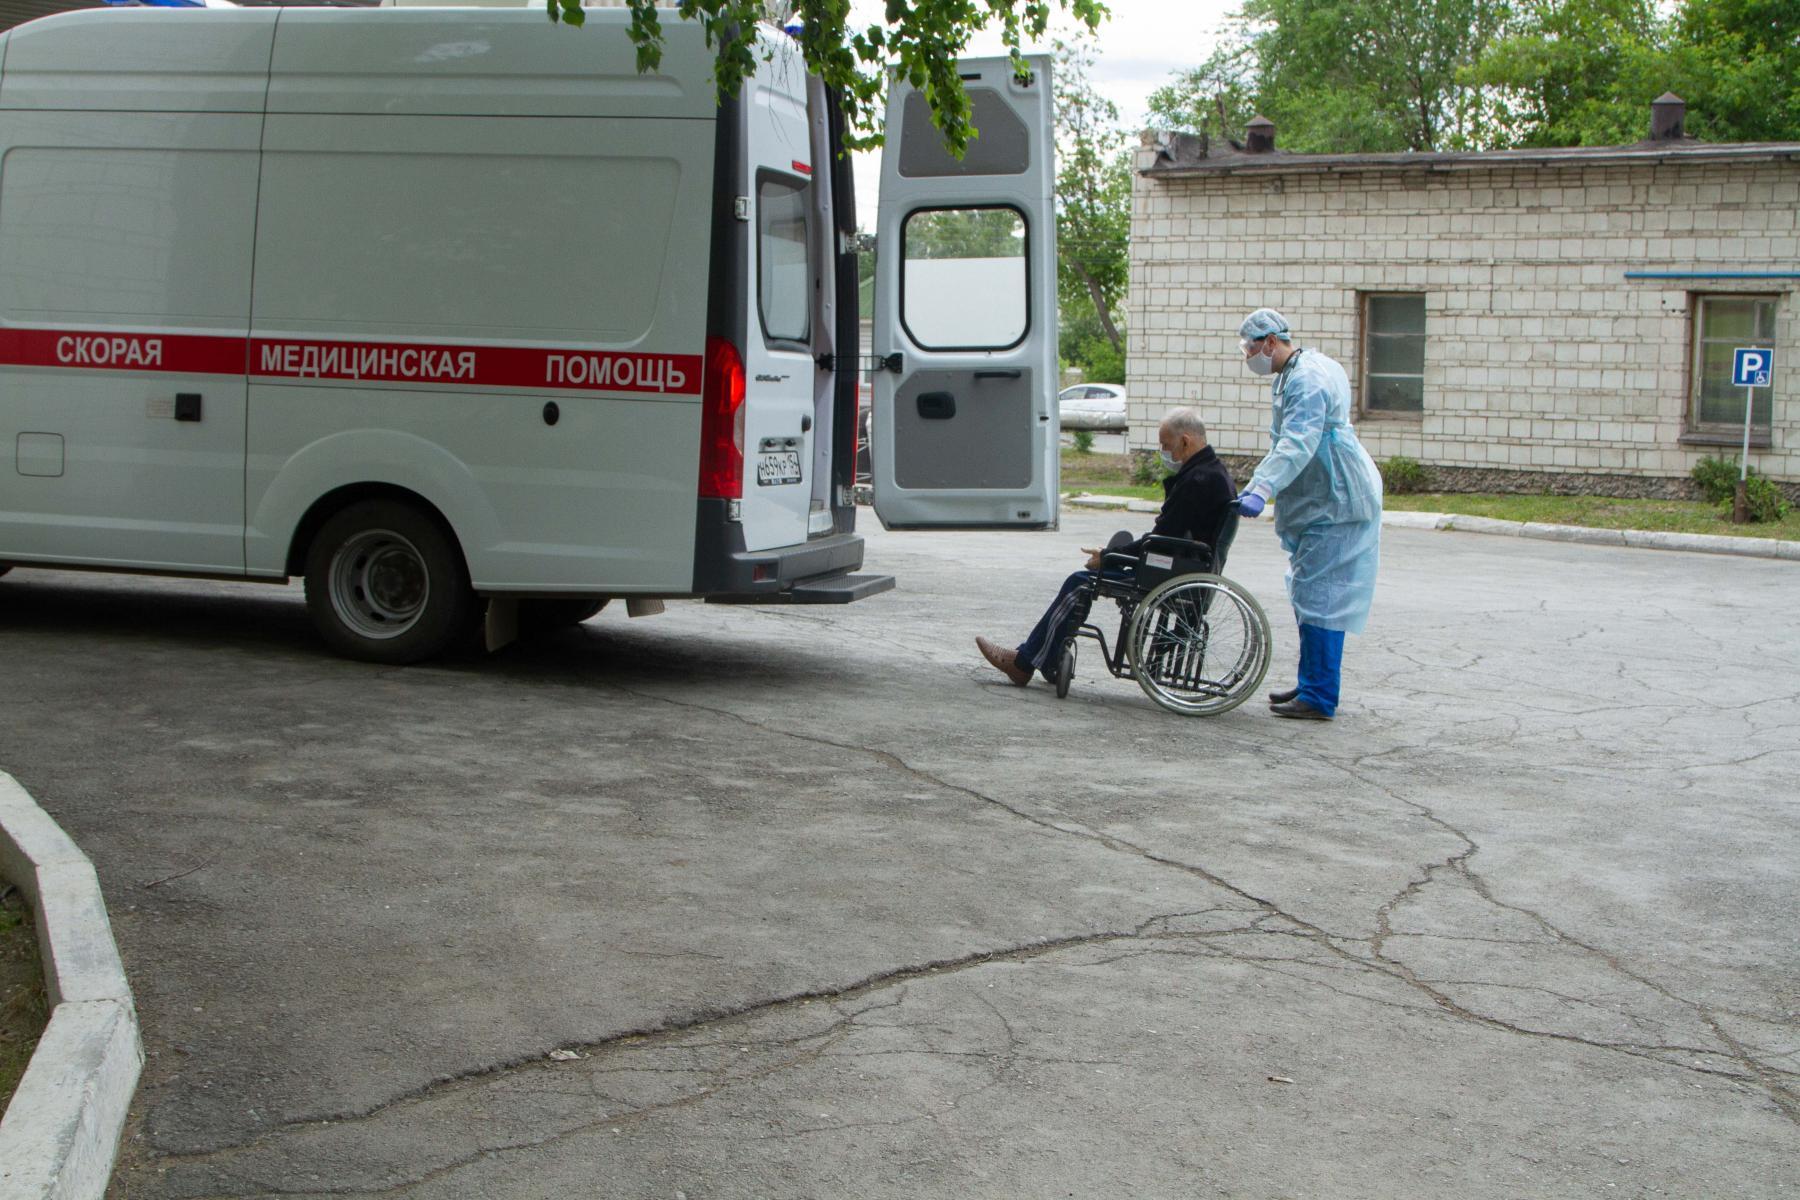 фото «Тяжёлых без очереди»: фоторепортаж из приёмного отделения коронавирусного госпиталя в Новосибирске 16